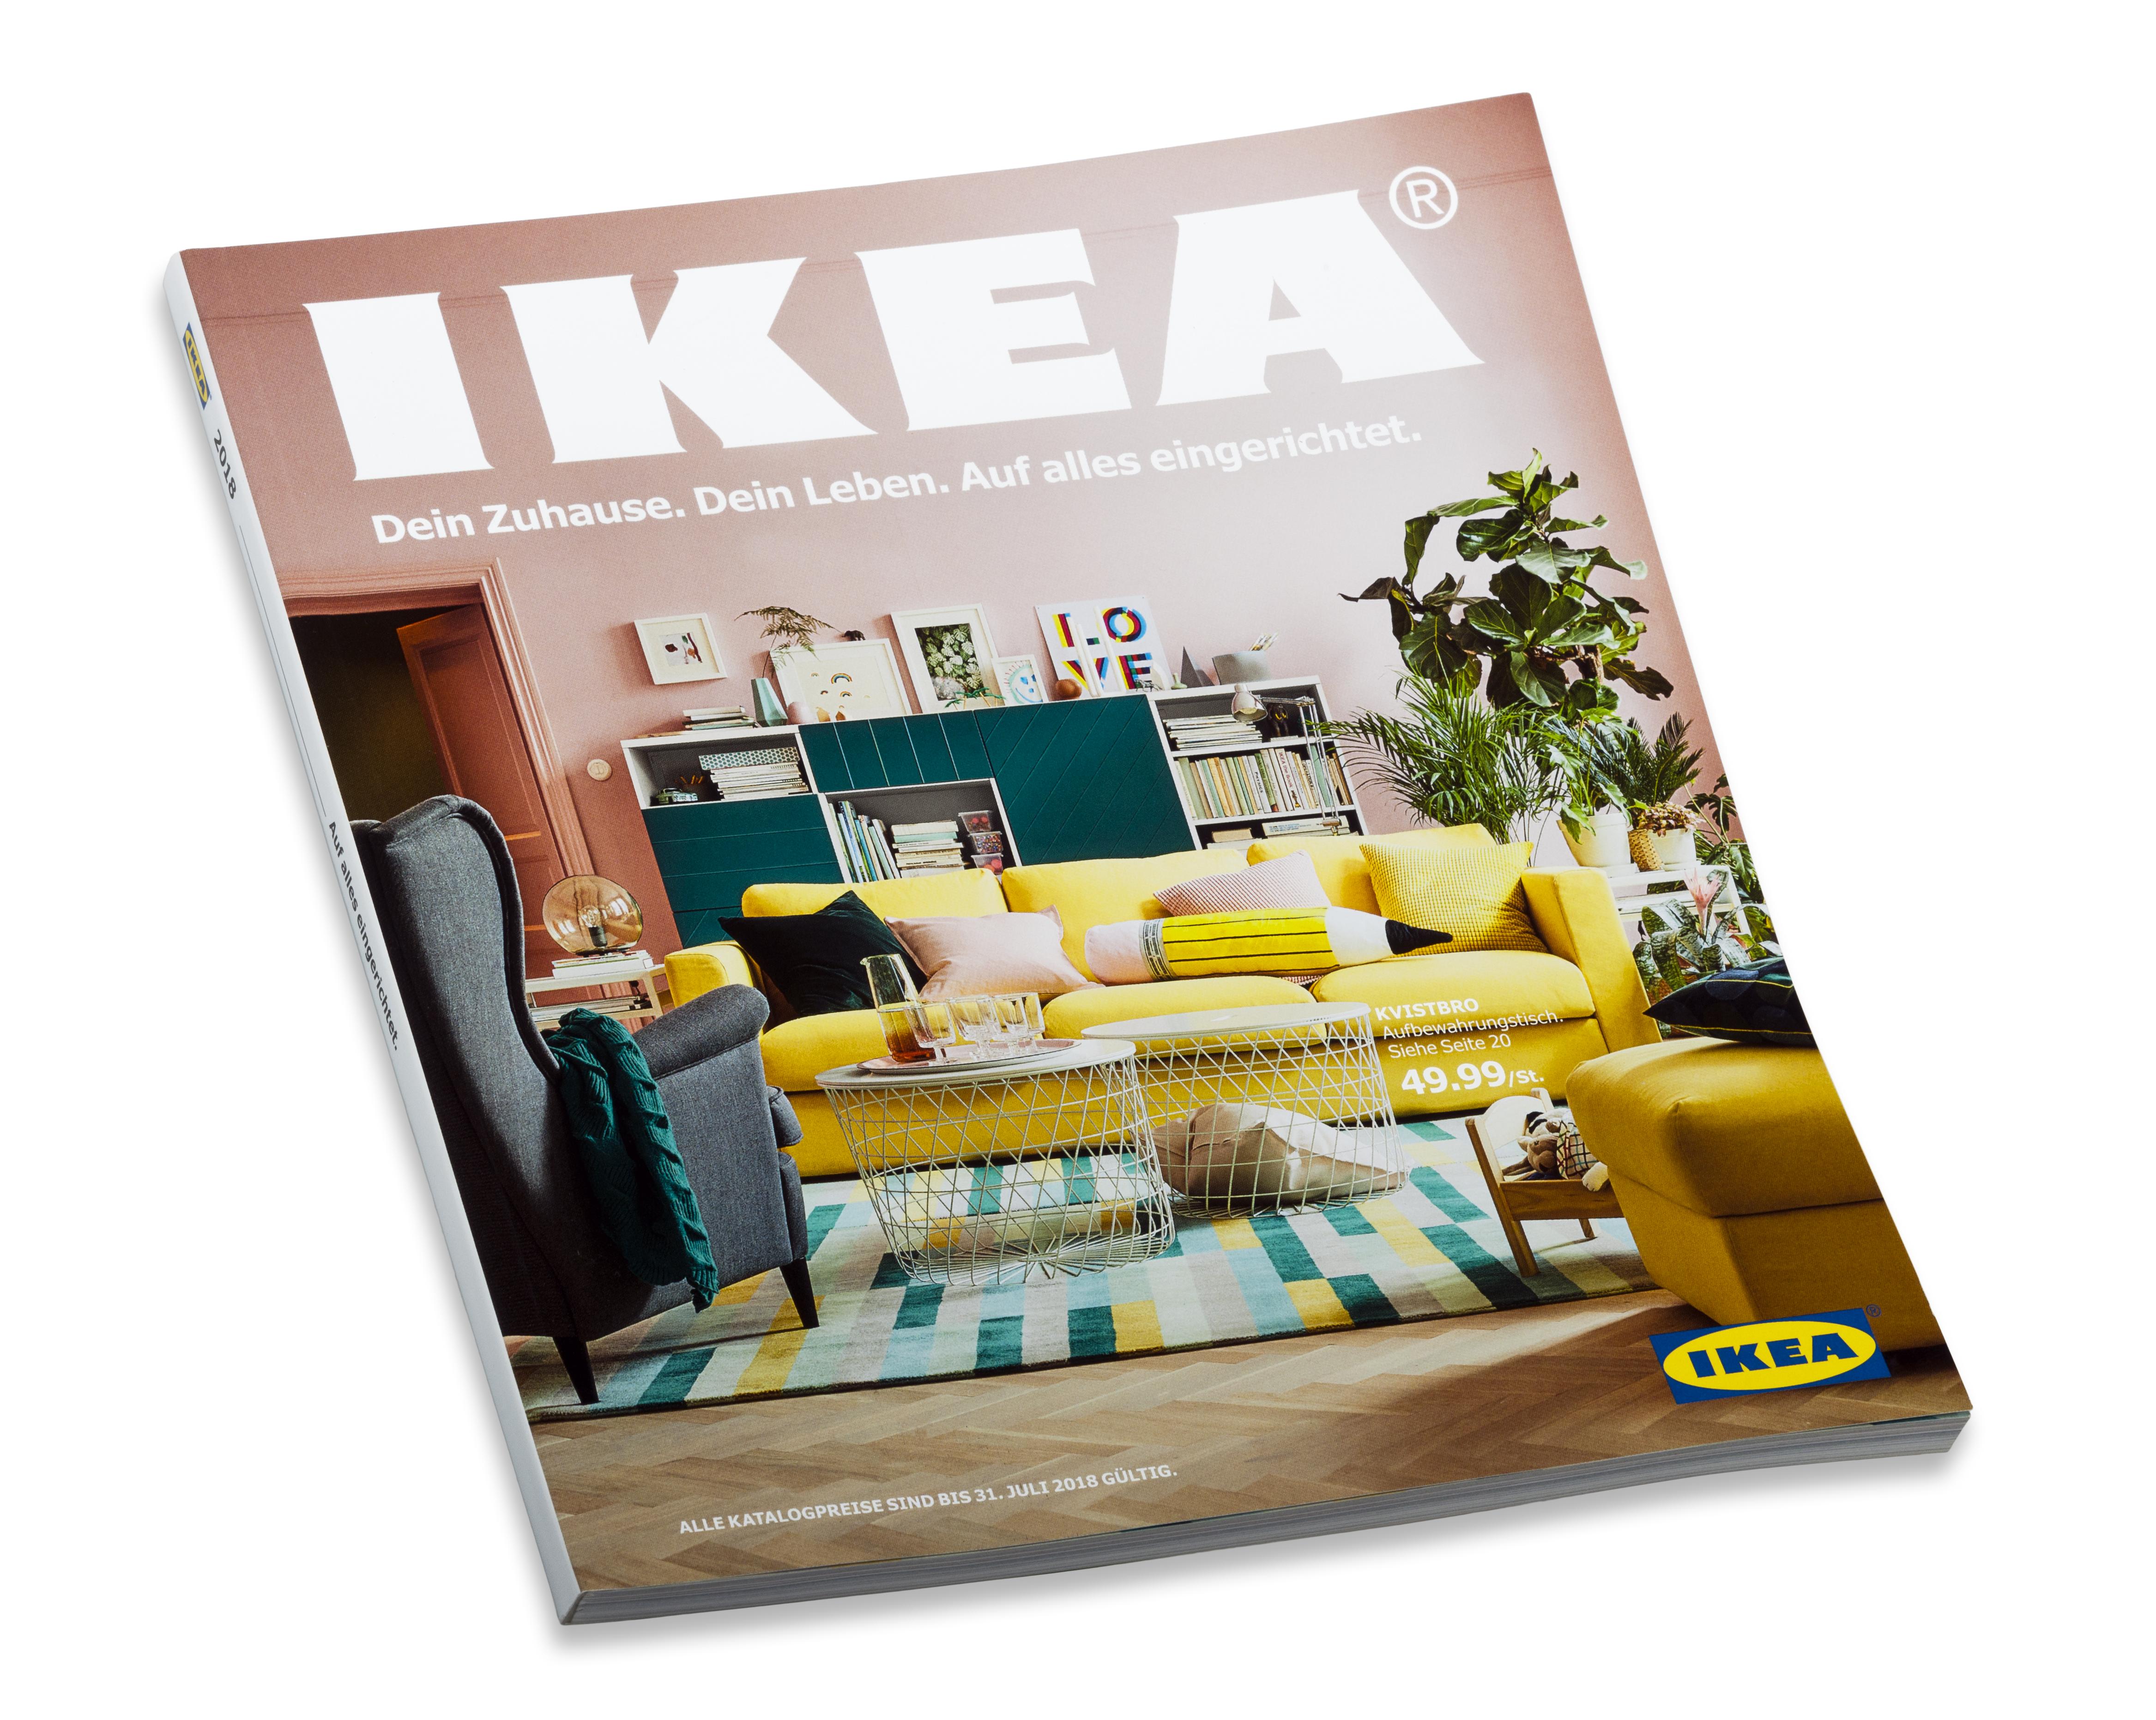 dein zuhause dein leben auf alles eingerichtet der ikea. Black Bedroom Furniture Sets. Home Design Ideas